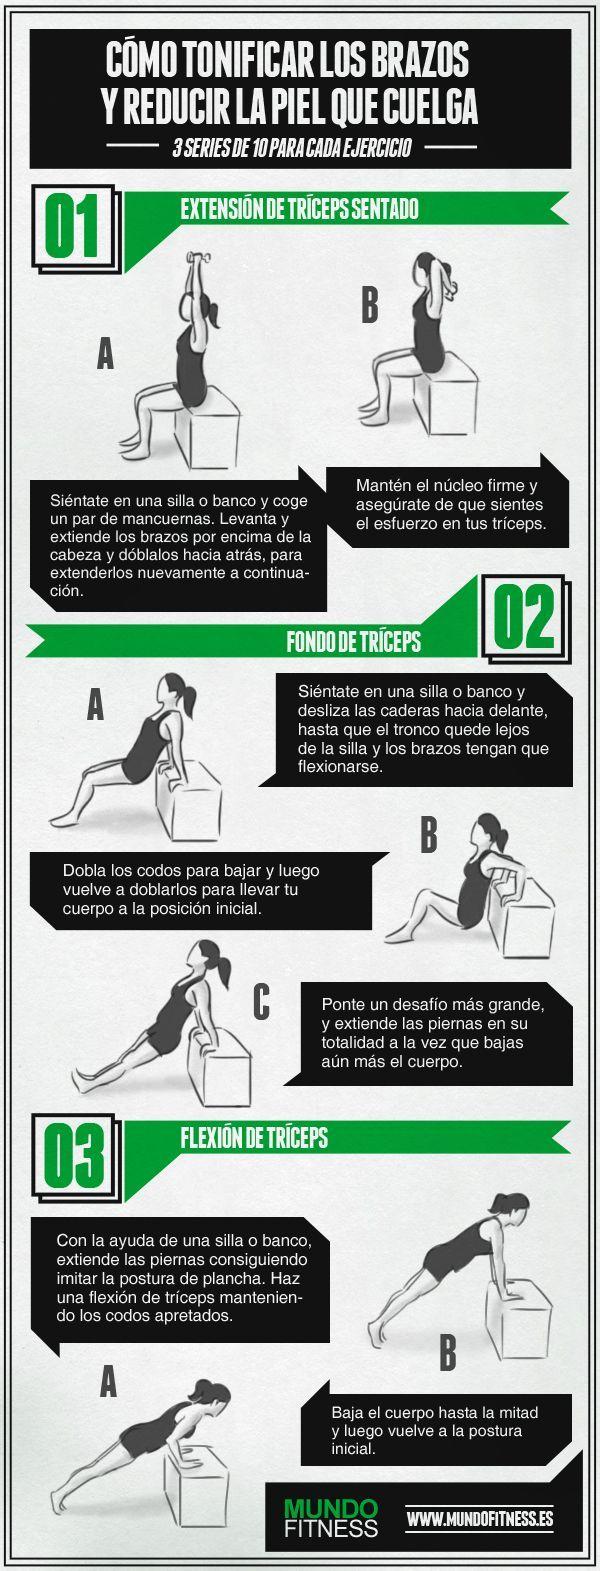 Knee Pain: 3 ejercicios sencillos para tonificar los brazos d...